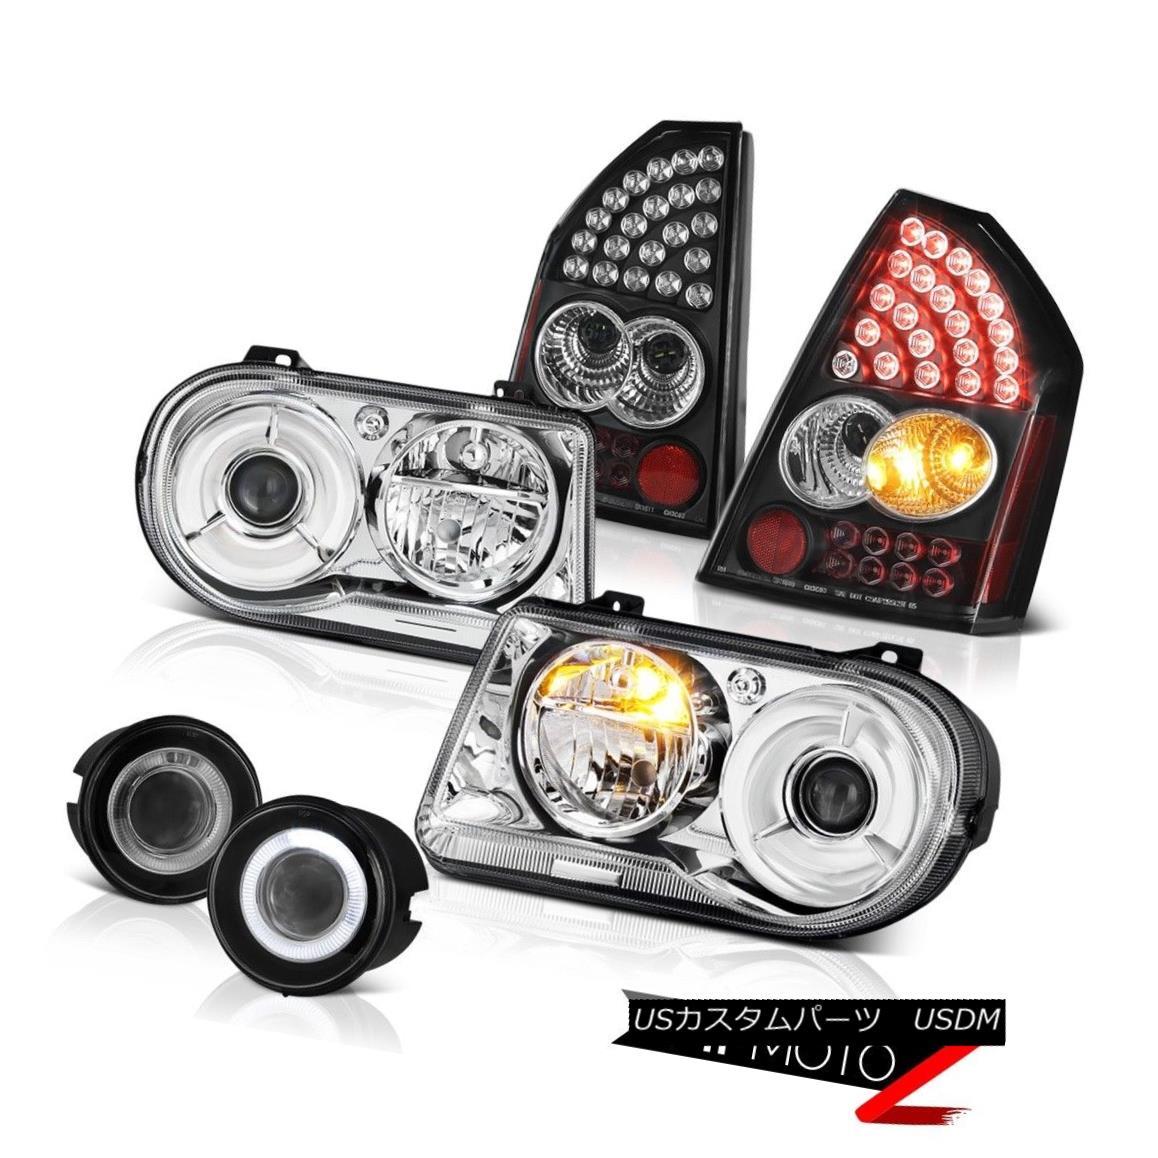 テールライト Chrome Headlamps Clear Tail Light Assembly Euro Fog 2005 2006 2007 Chrysler 300C クロムヘッドランプクリアテールライトアセンブリEuro Fog 2005 2006 2007 Chrysler 300C